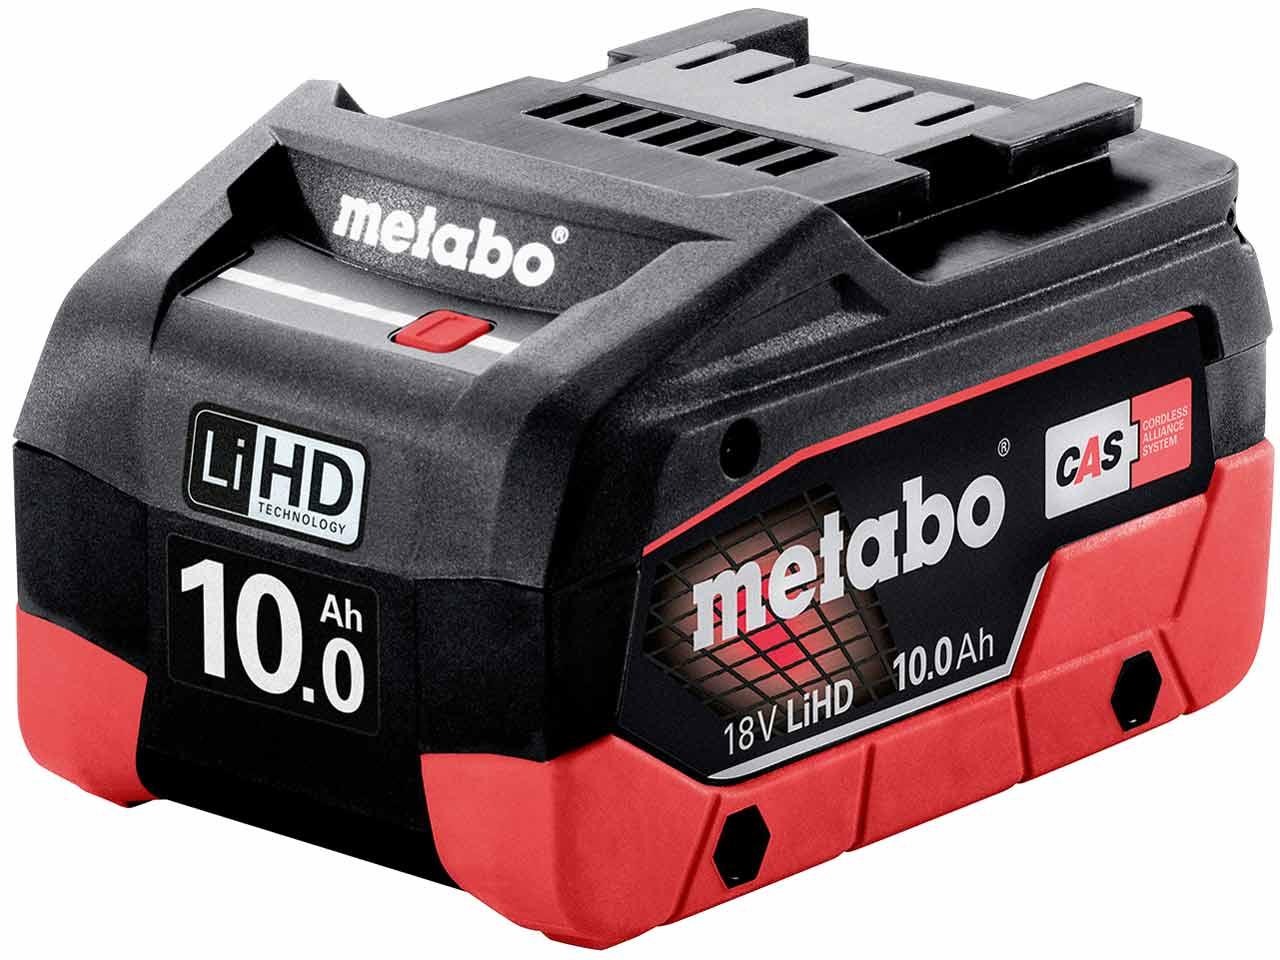 Metabo_625549000.jpg